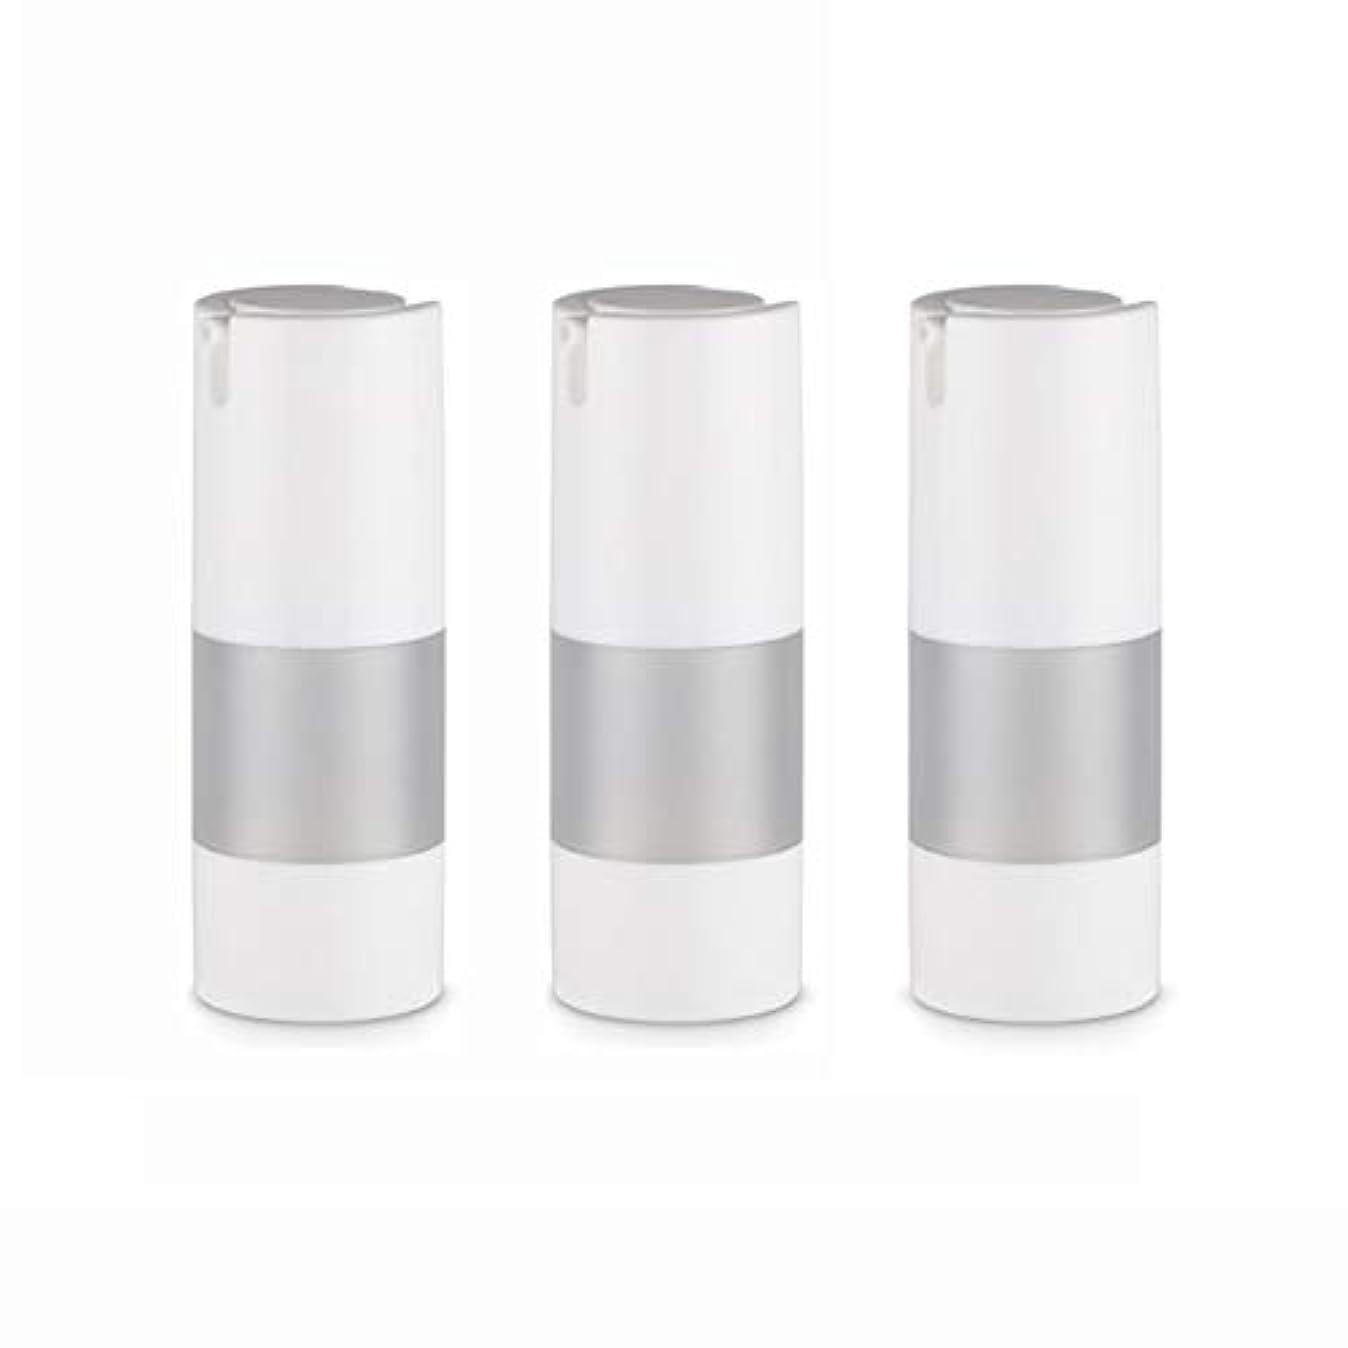 爆発物時代遅れ運ぶ小分けボトル 乳液 3本セット ディスペンサー ボトル シャンプー ボディーソープ ポンプボトル 真空 ボトル 詰替用ボトル 旅行用 (乳液15ml)